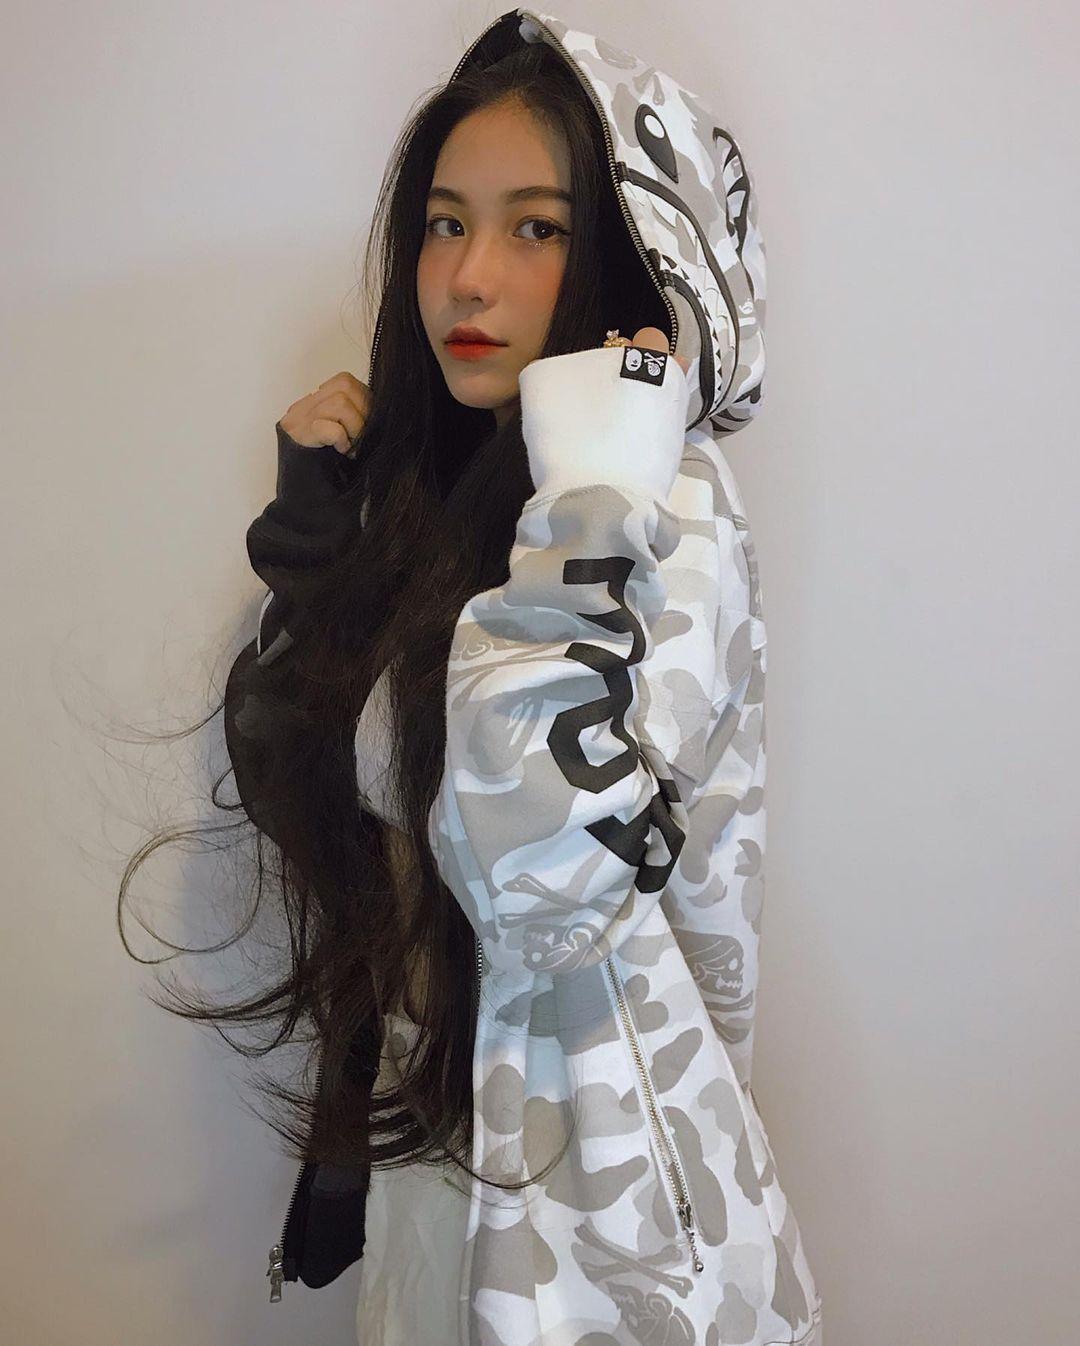 天菜越南妹「Kim Anh」迷蒙眼神仿佛随时在放电空灵气质更是无比疗愈人心 养眼图片 第15张